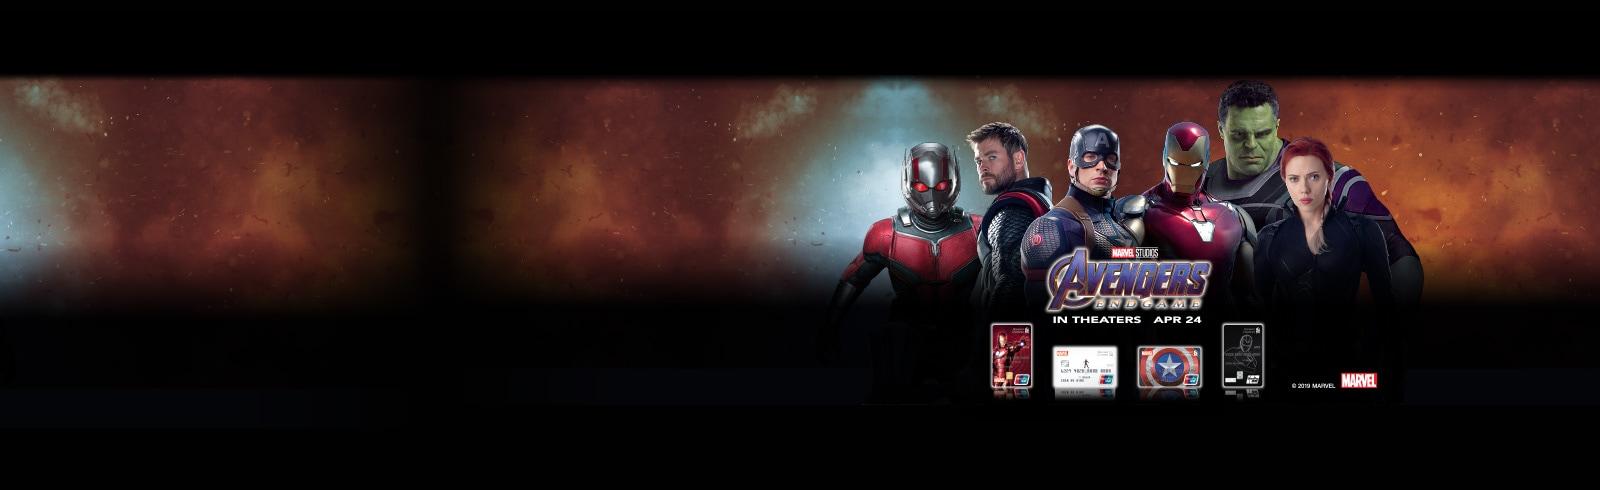 Hk promo avengers en v